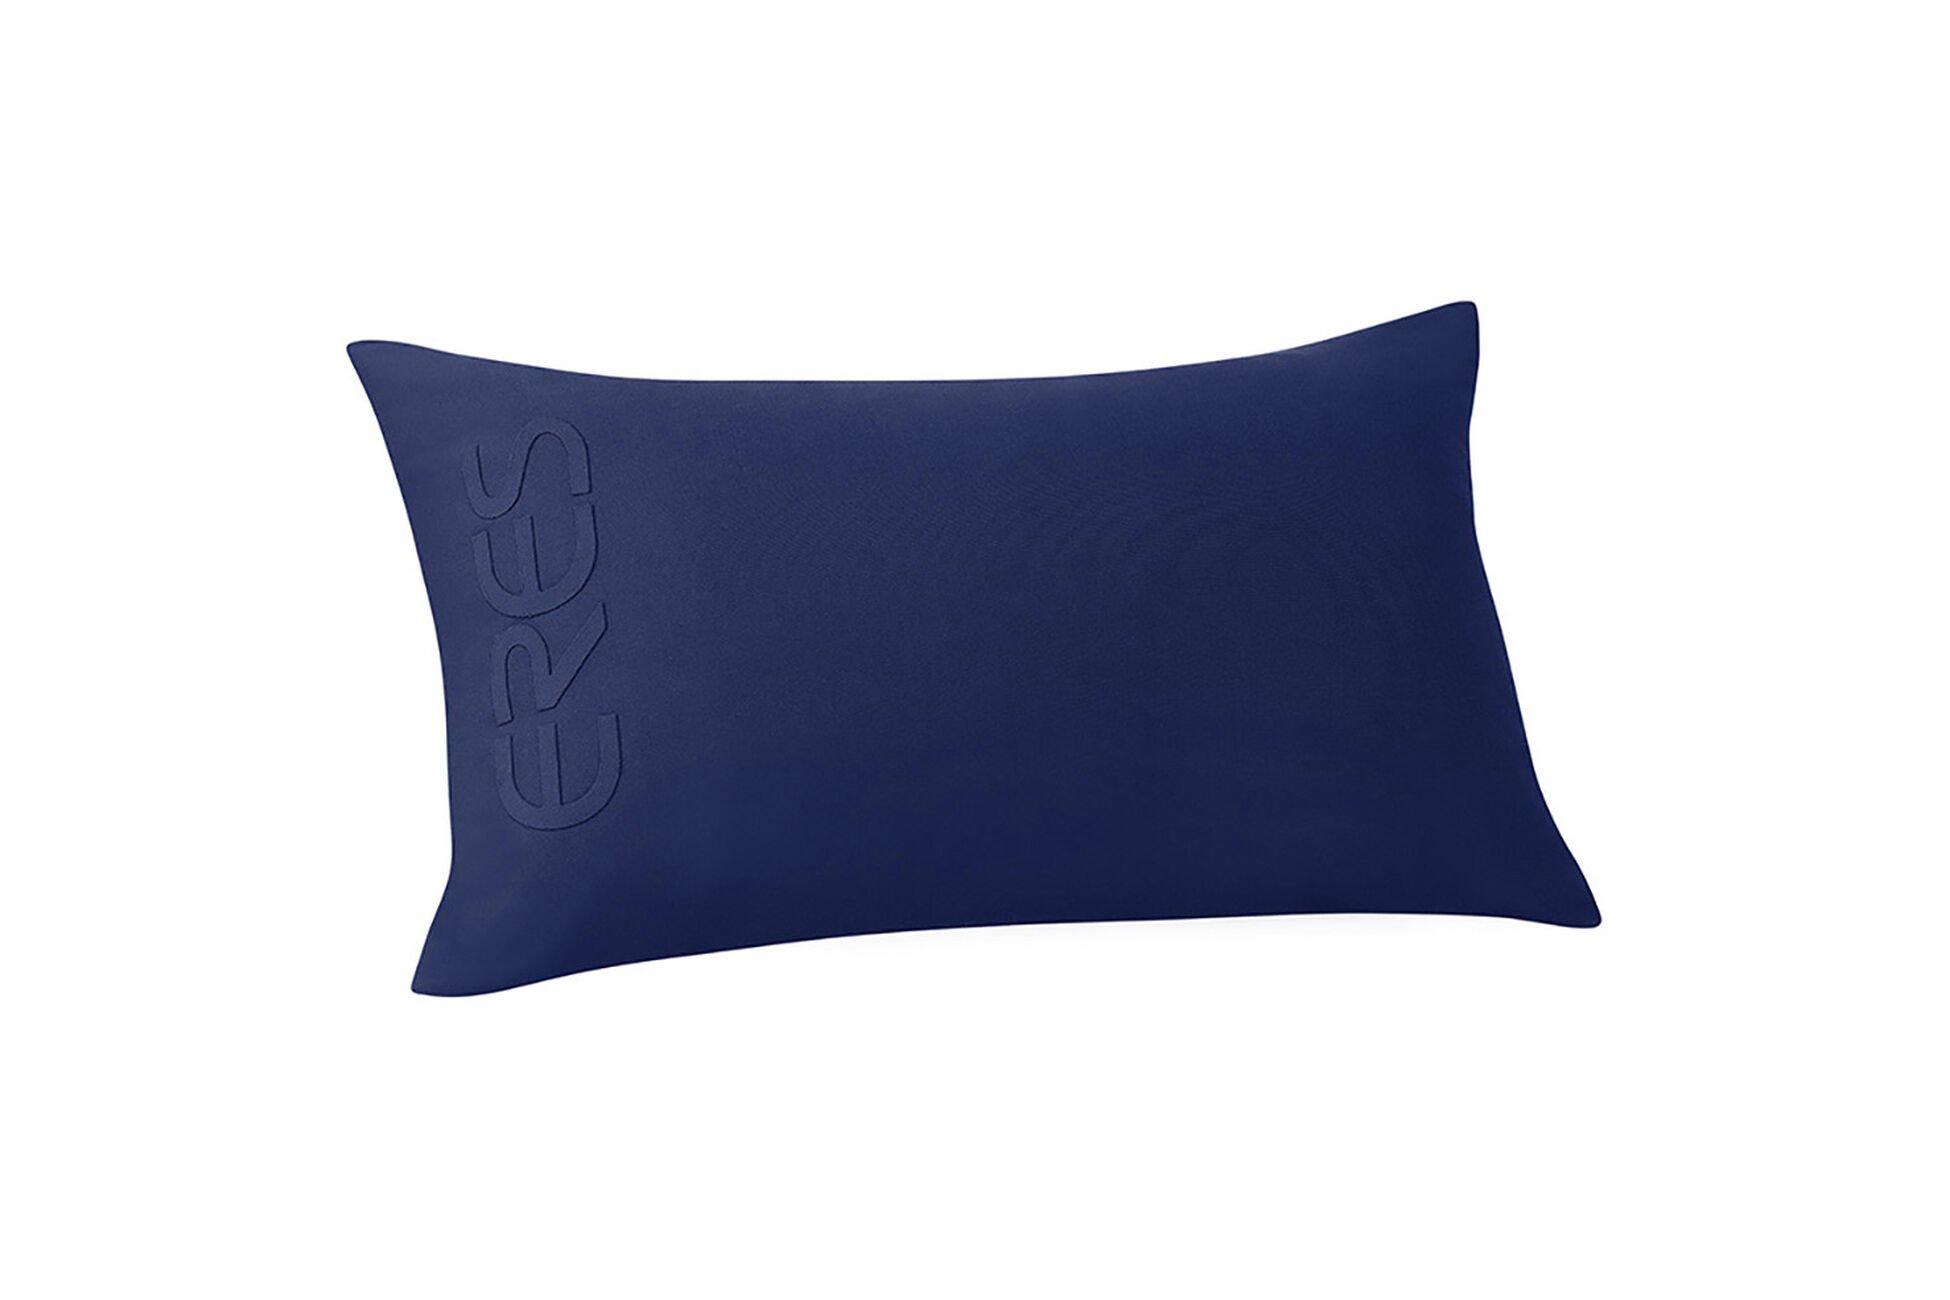 Algodon Beach pillow standard view �